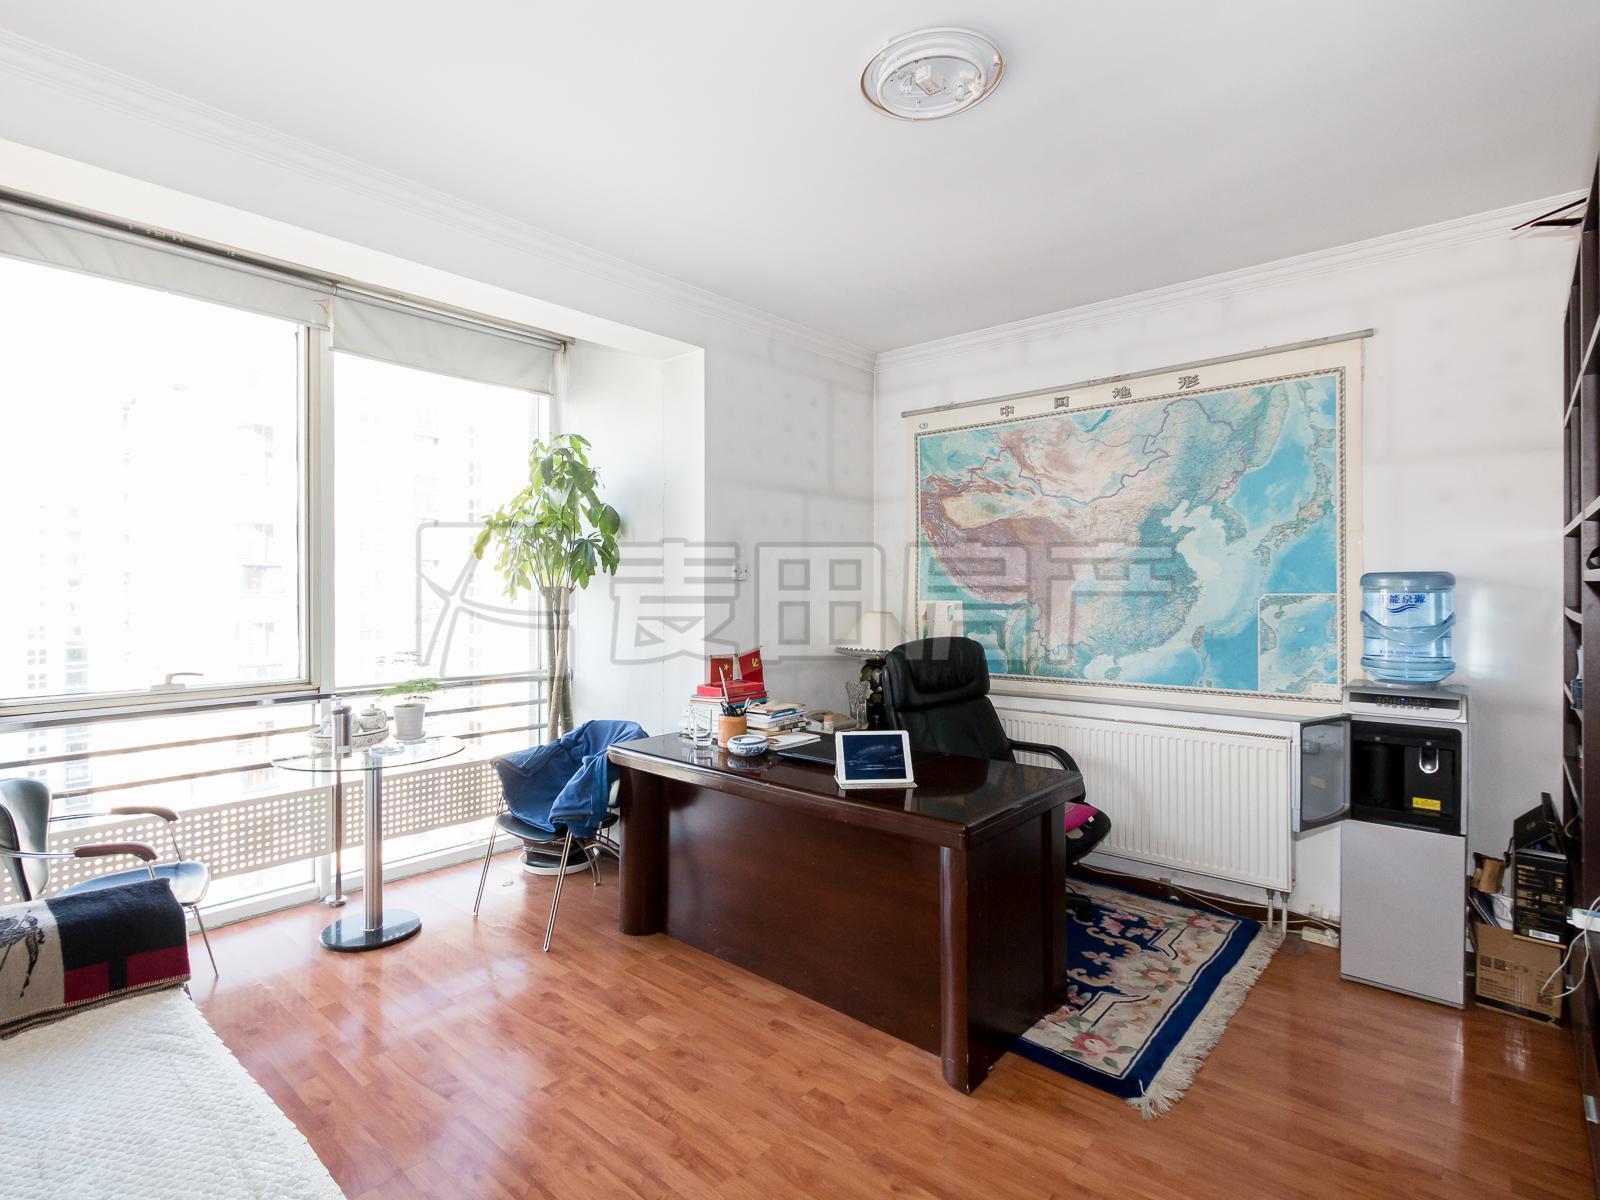 万柳西北两居+价格好商量+满五年+签约方便+落地窗+储物间